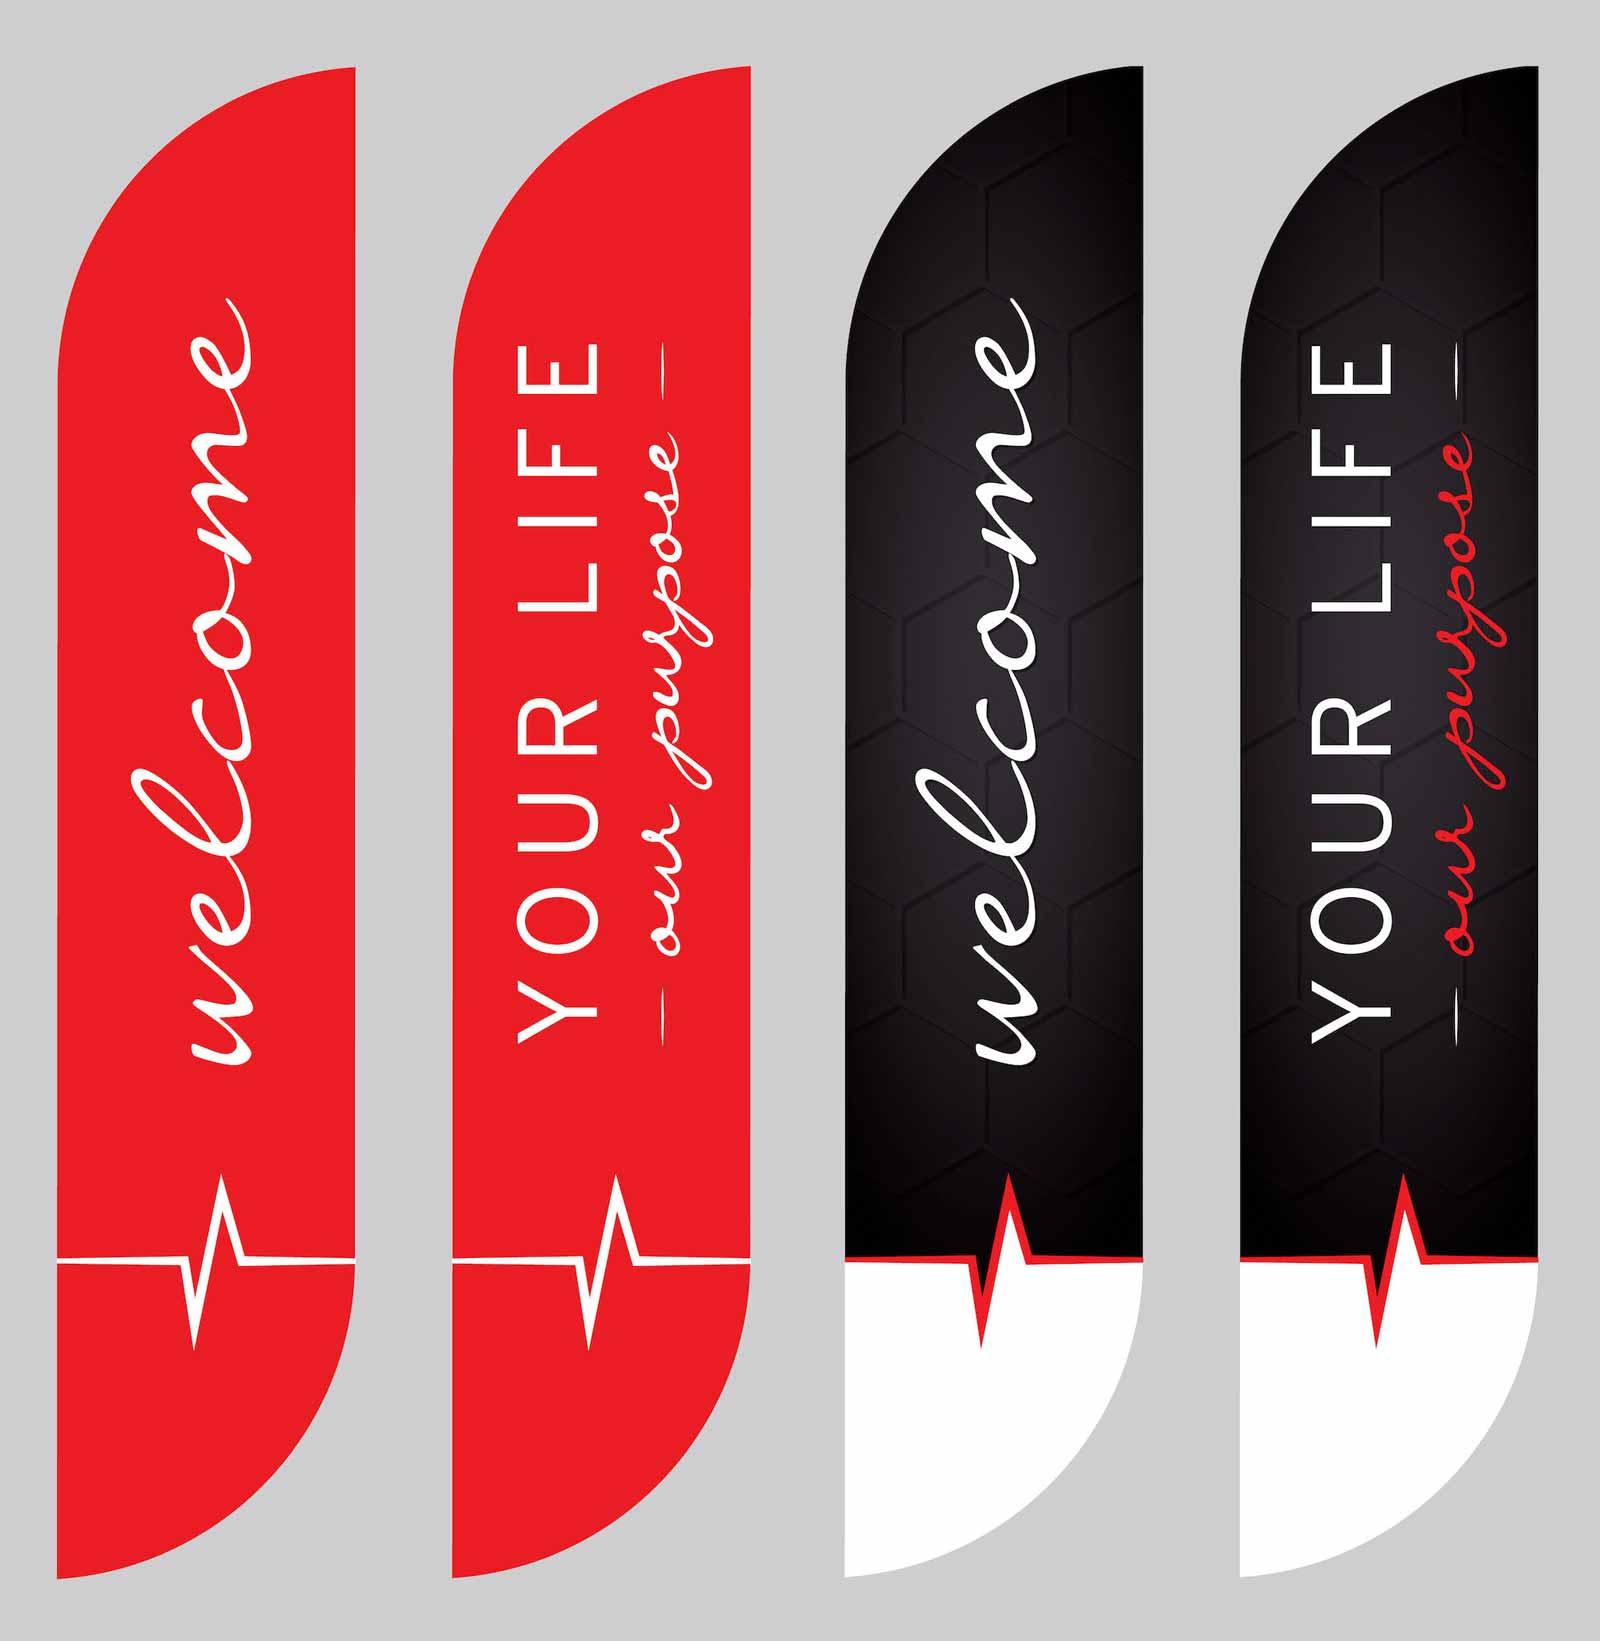 TTU-feather-flags-design.jpg